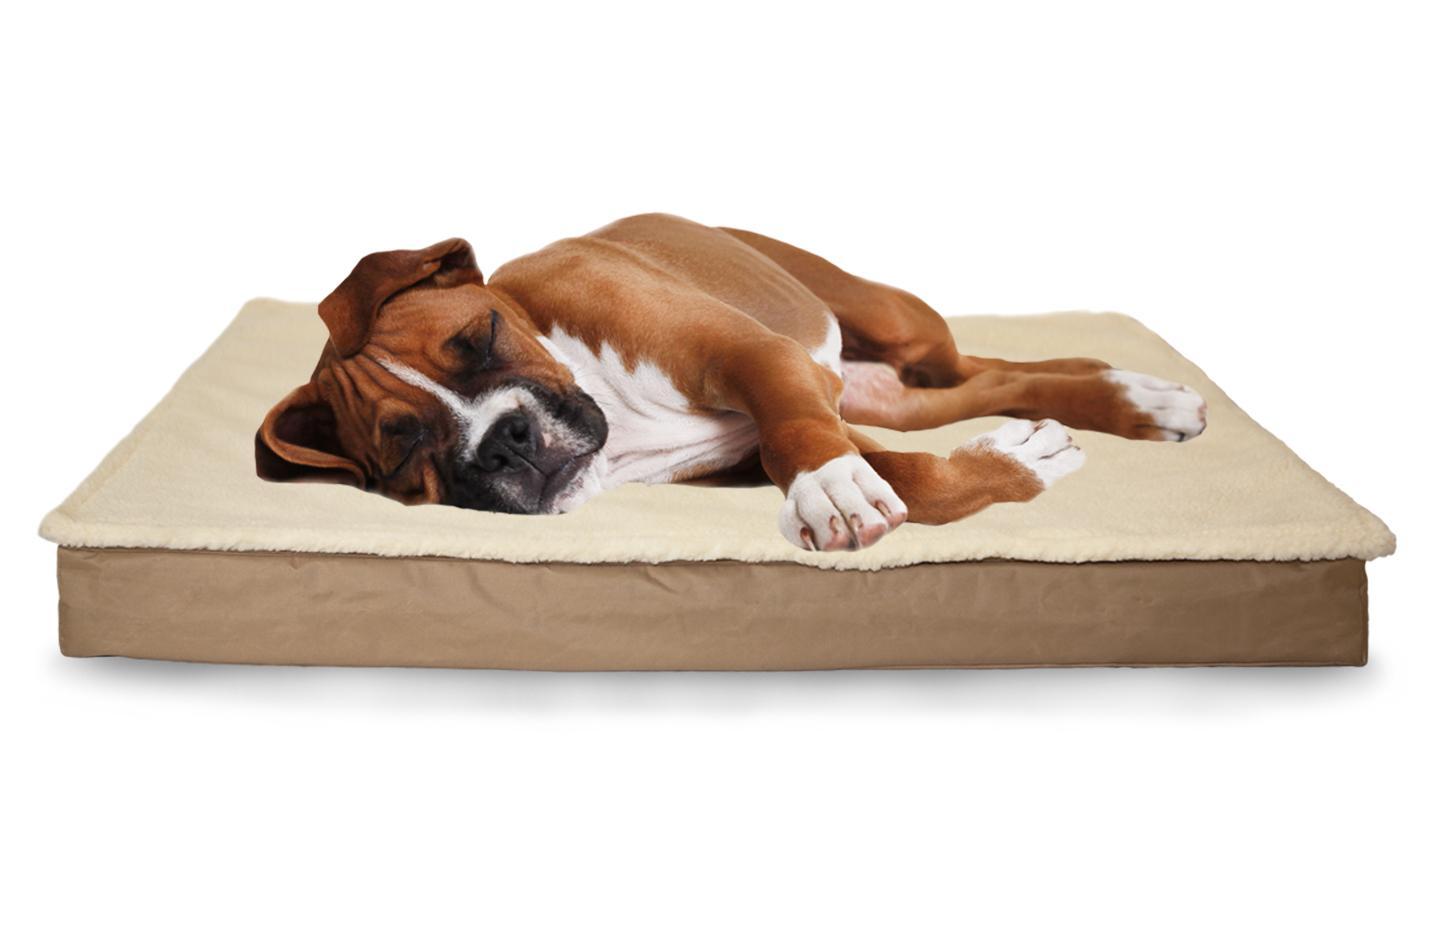 Furhaven Dog Bed Reviews